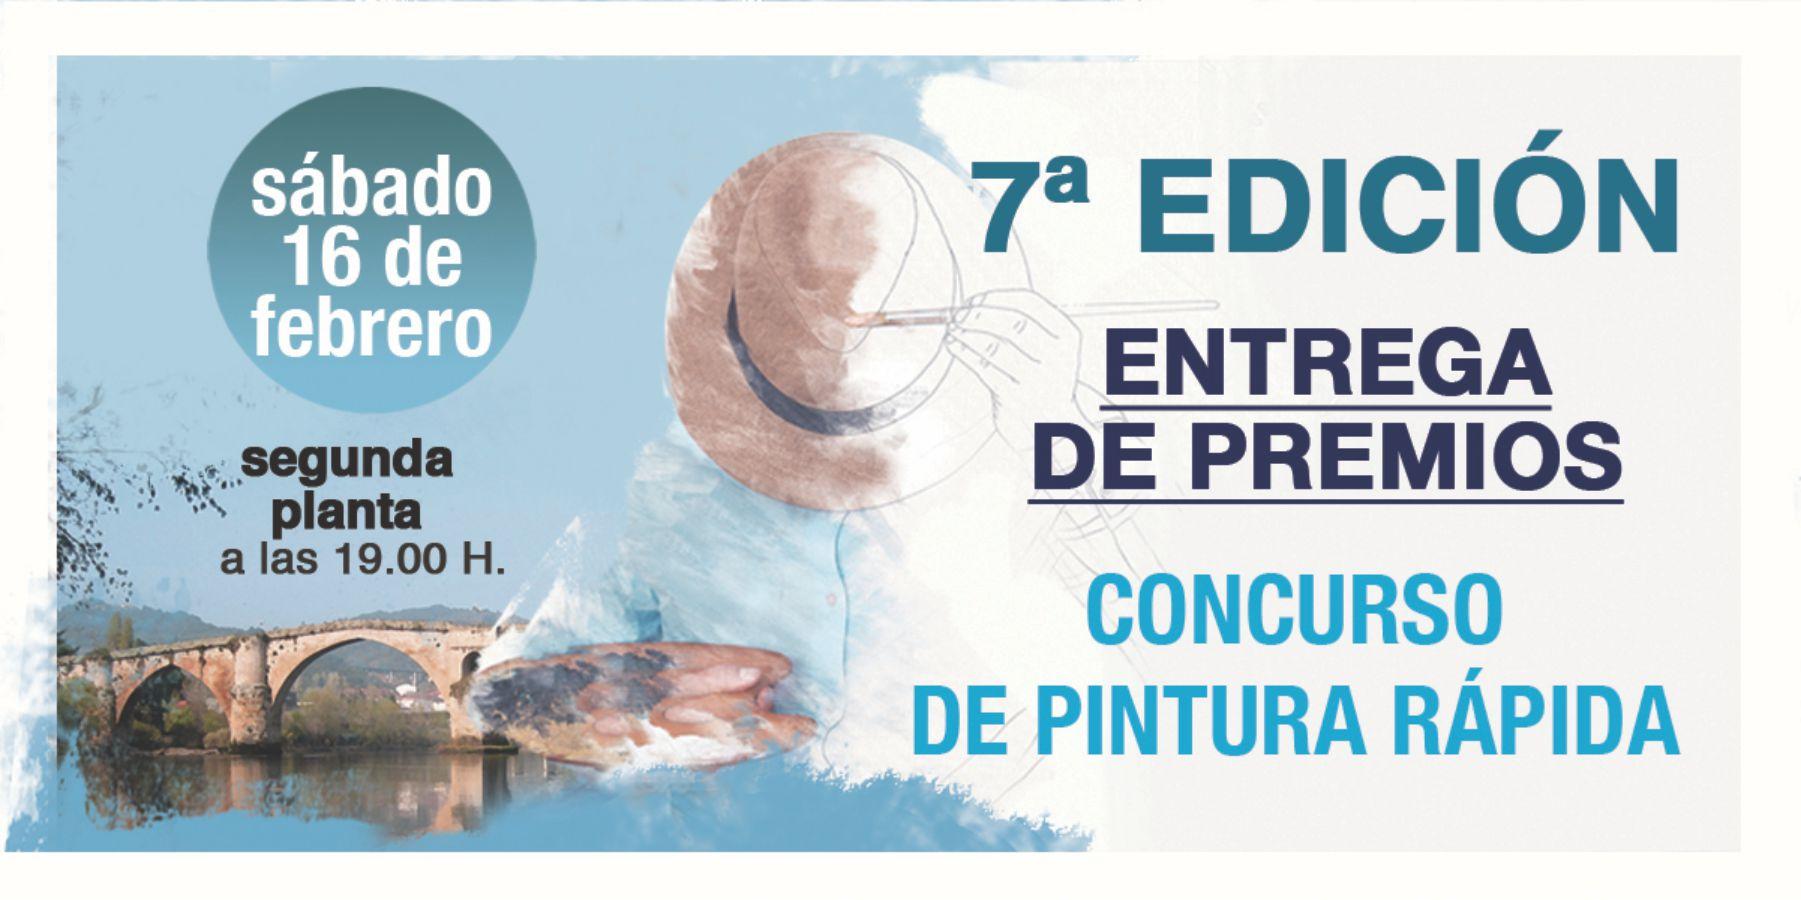 Premios Concurso de Pintura Rápida